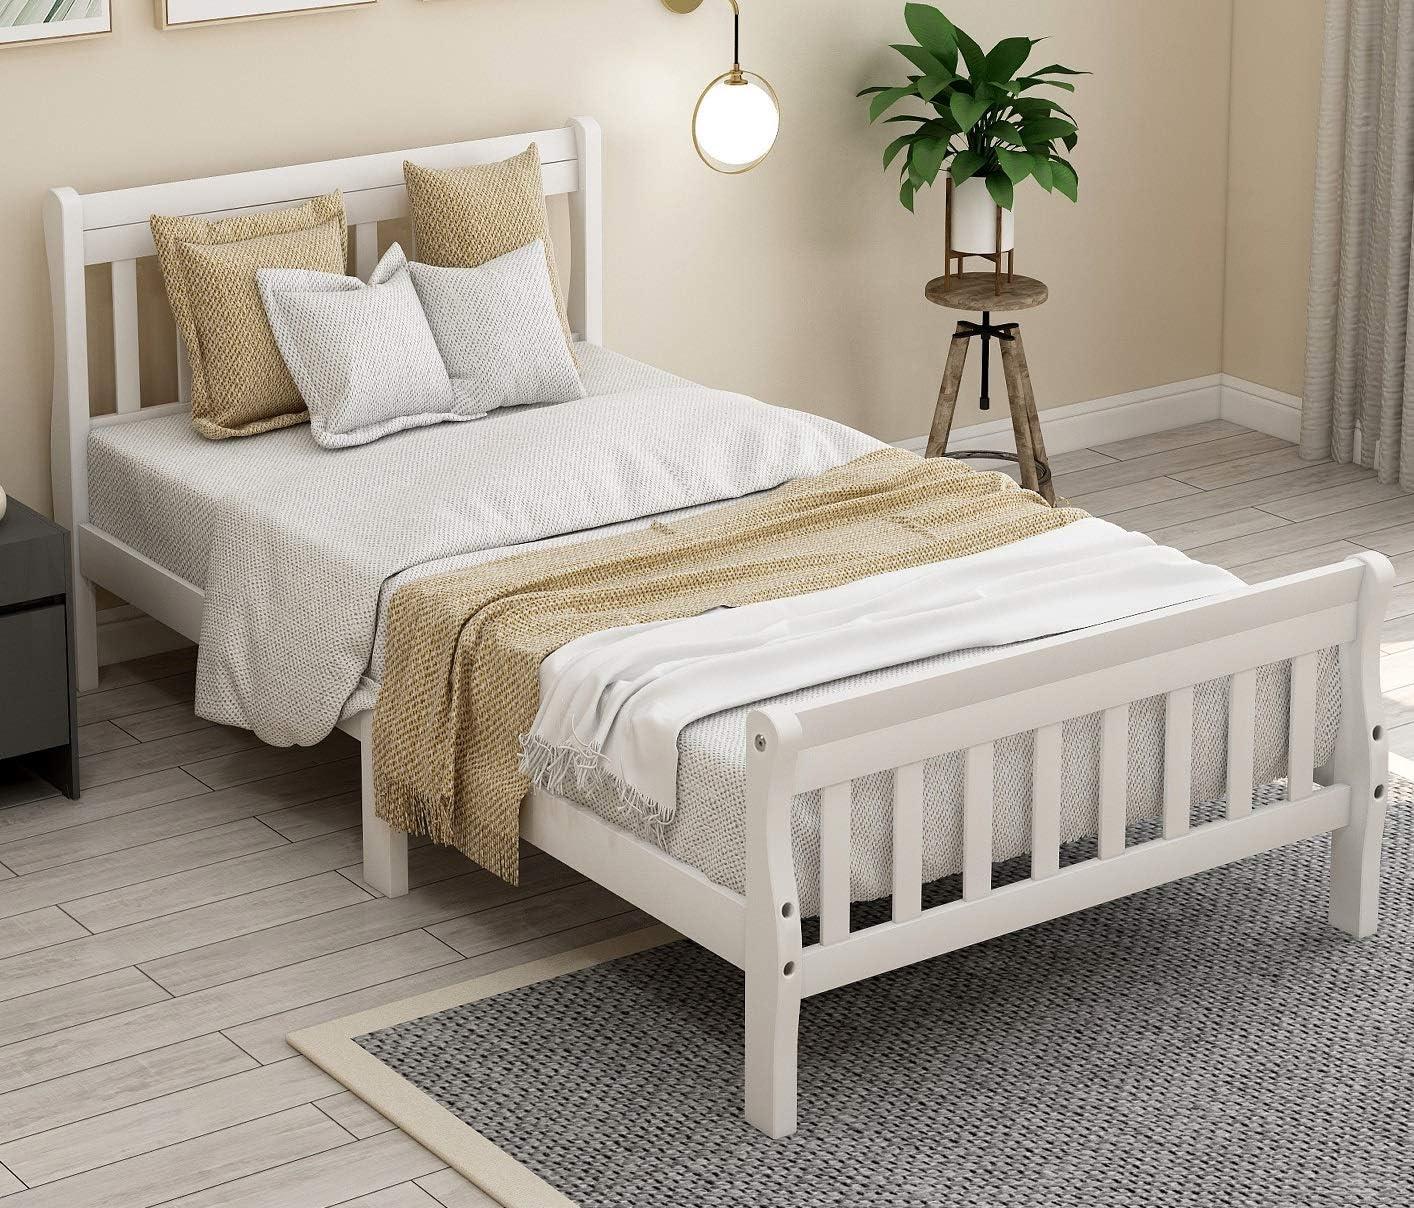 DanxeeTwin Platform Bed